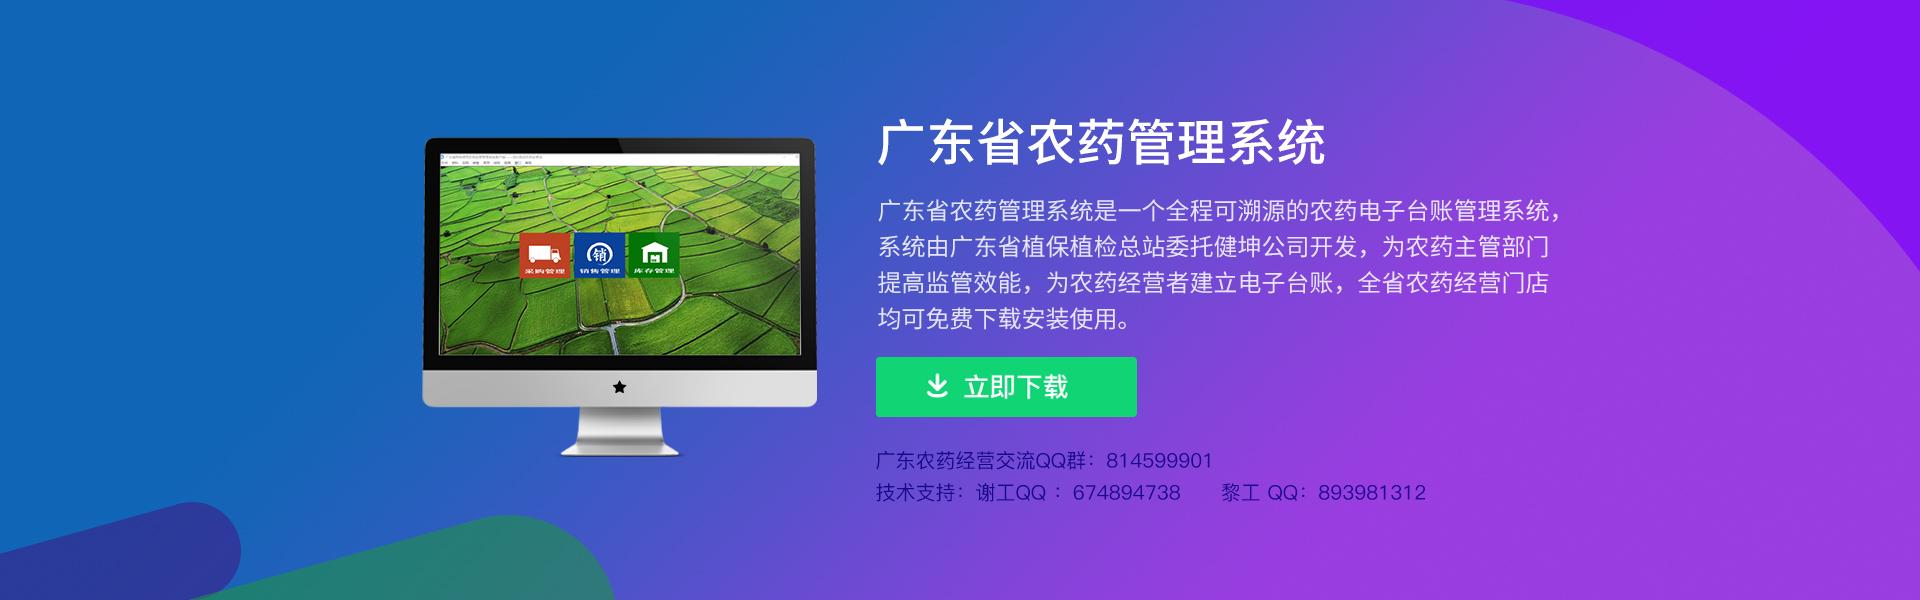 广东省农药管理系统